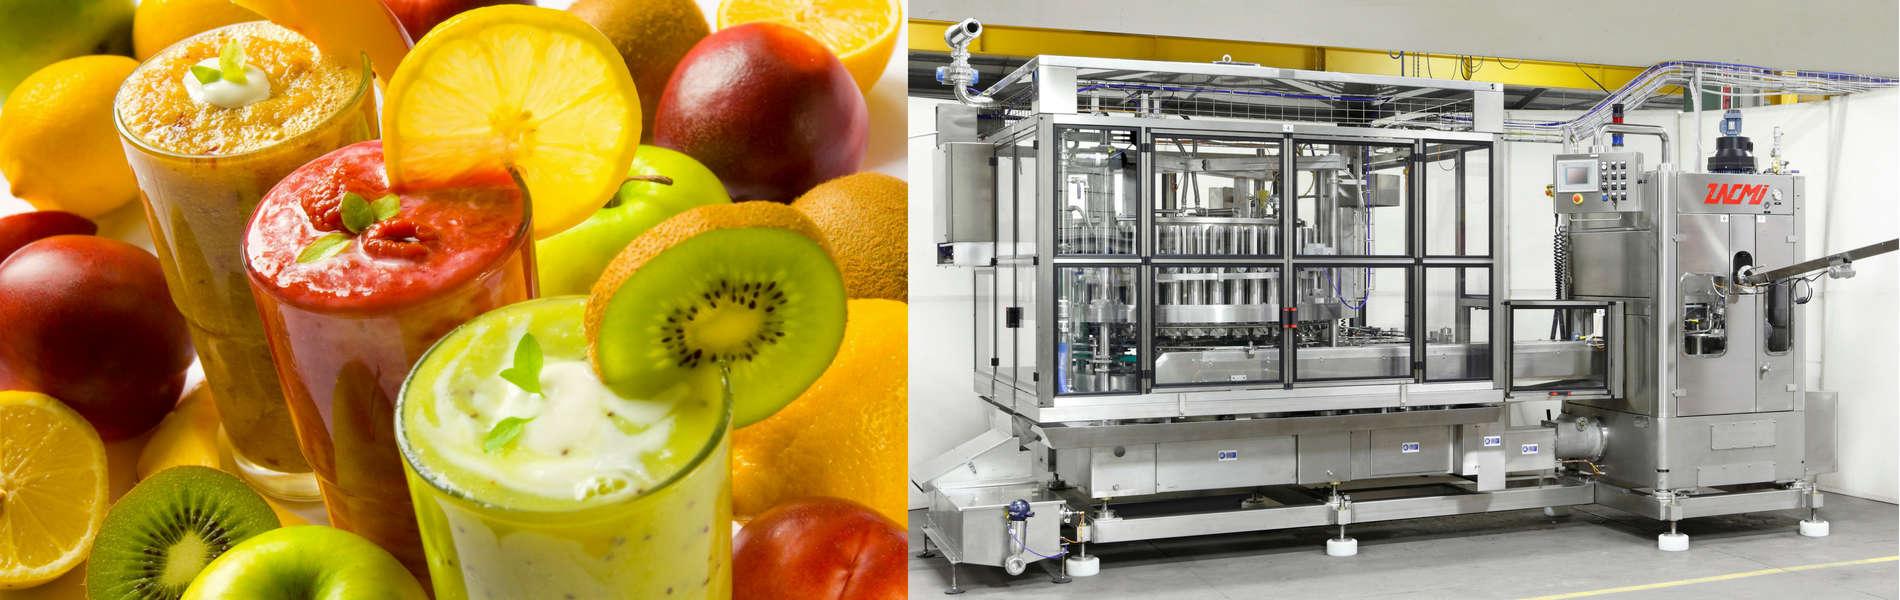 Sản xuất nước trái cây cô dặc